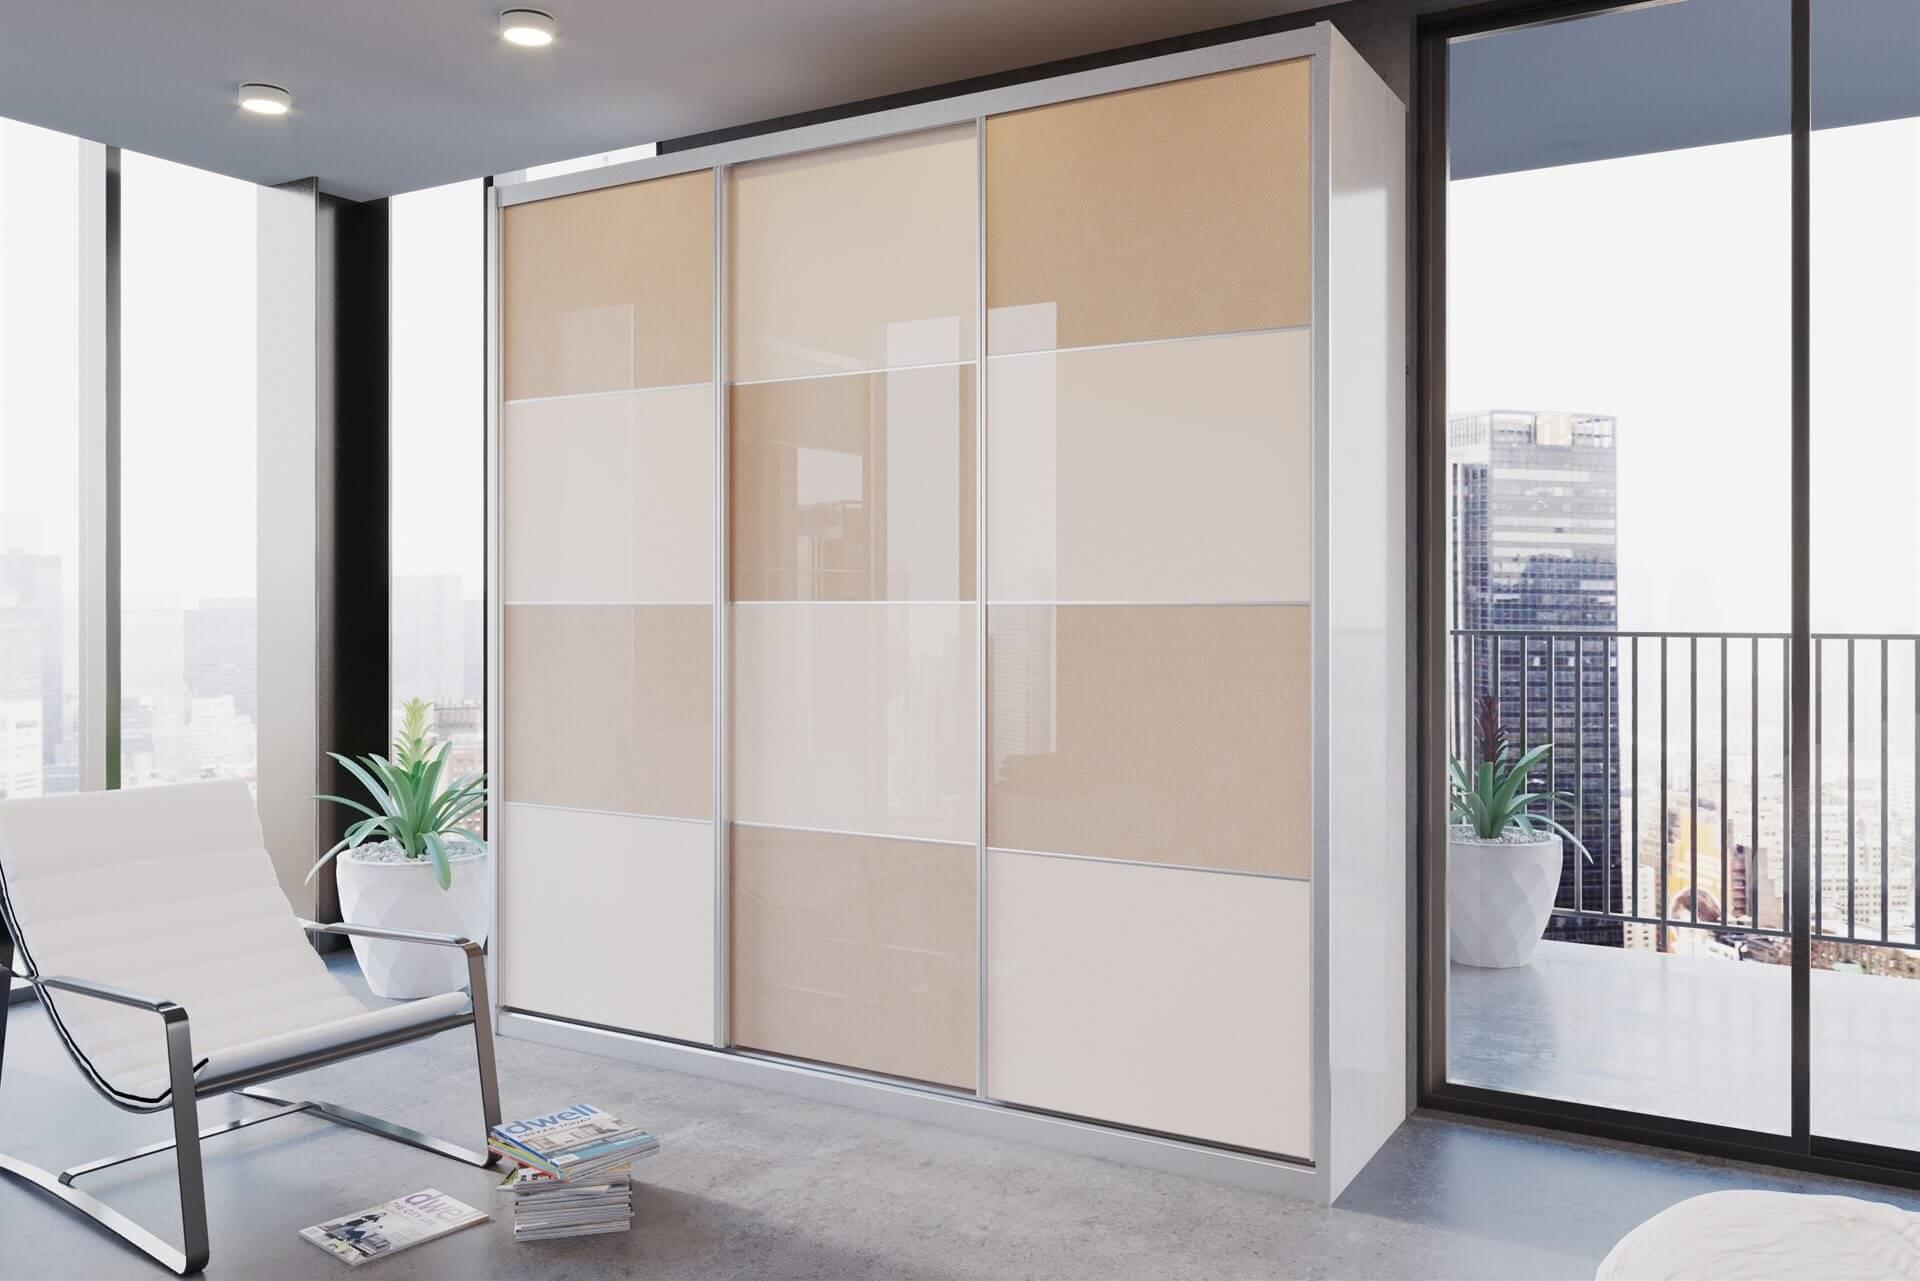 ארון הזזה דלתות High Gloss כולל חיפוי אלומיניום דגם HG2159VN